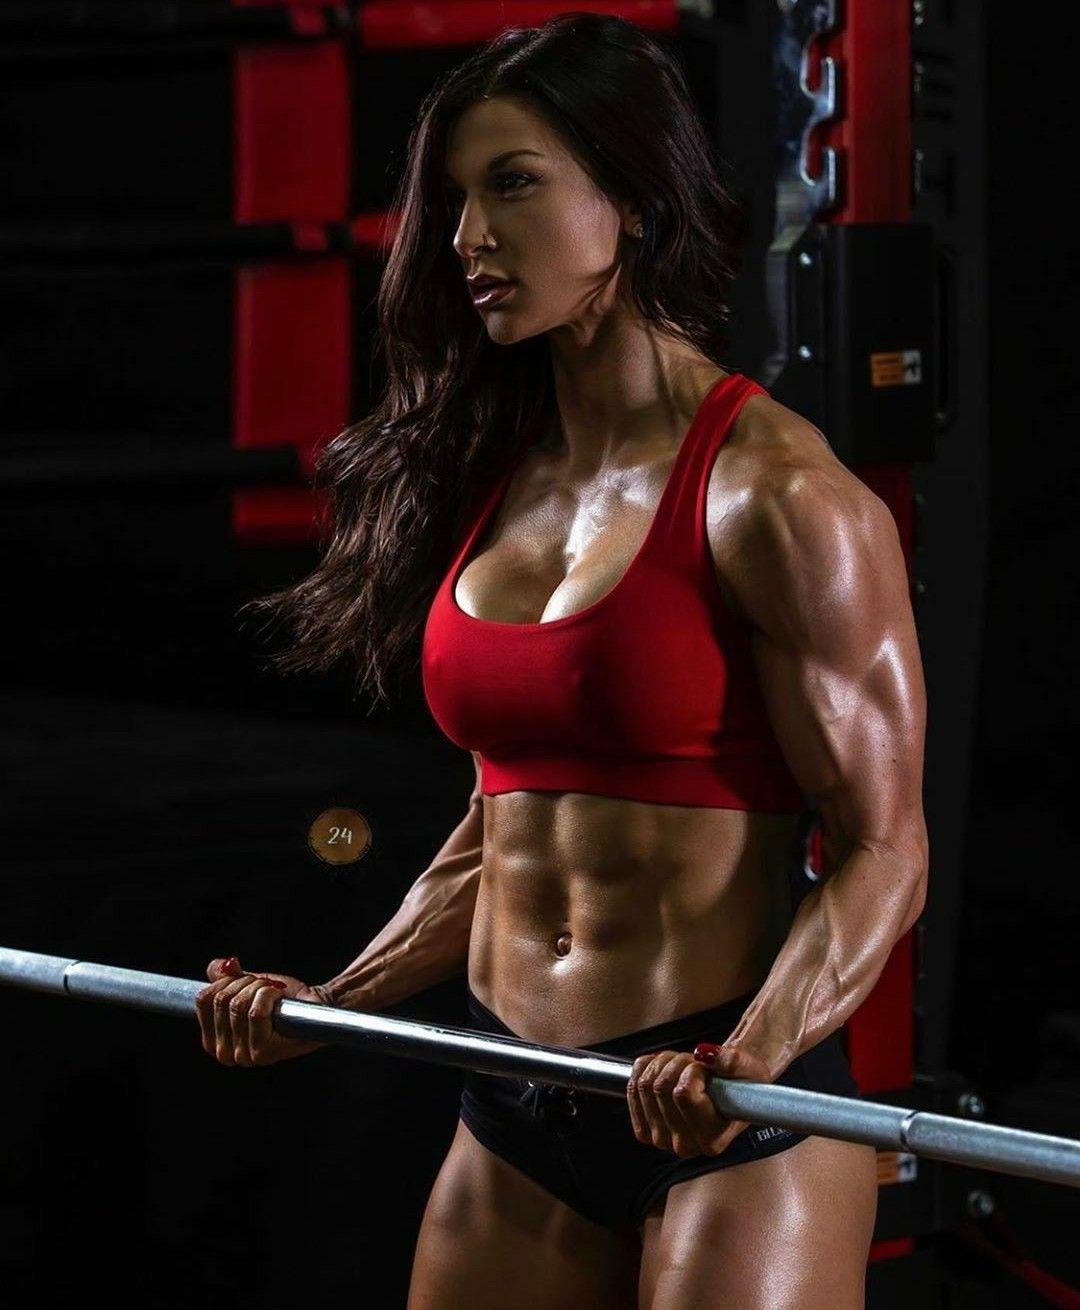 Pin By Alexander John On Muscle Women Muscle Women Muscle Girls Fitness Models Female